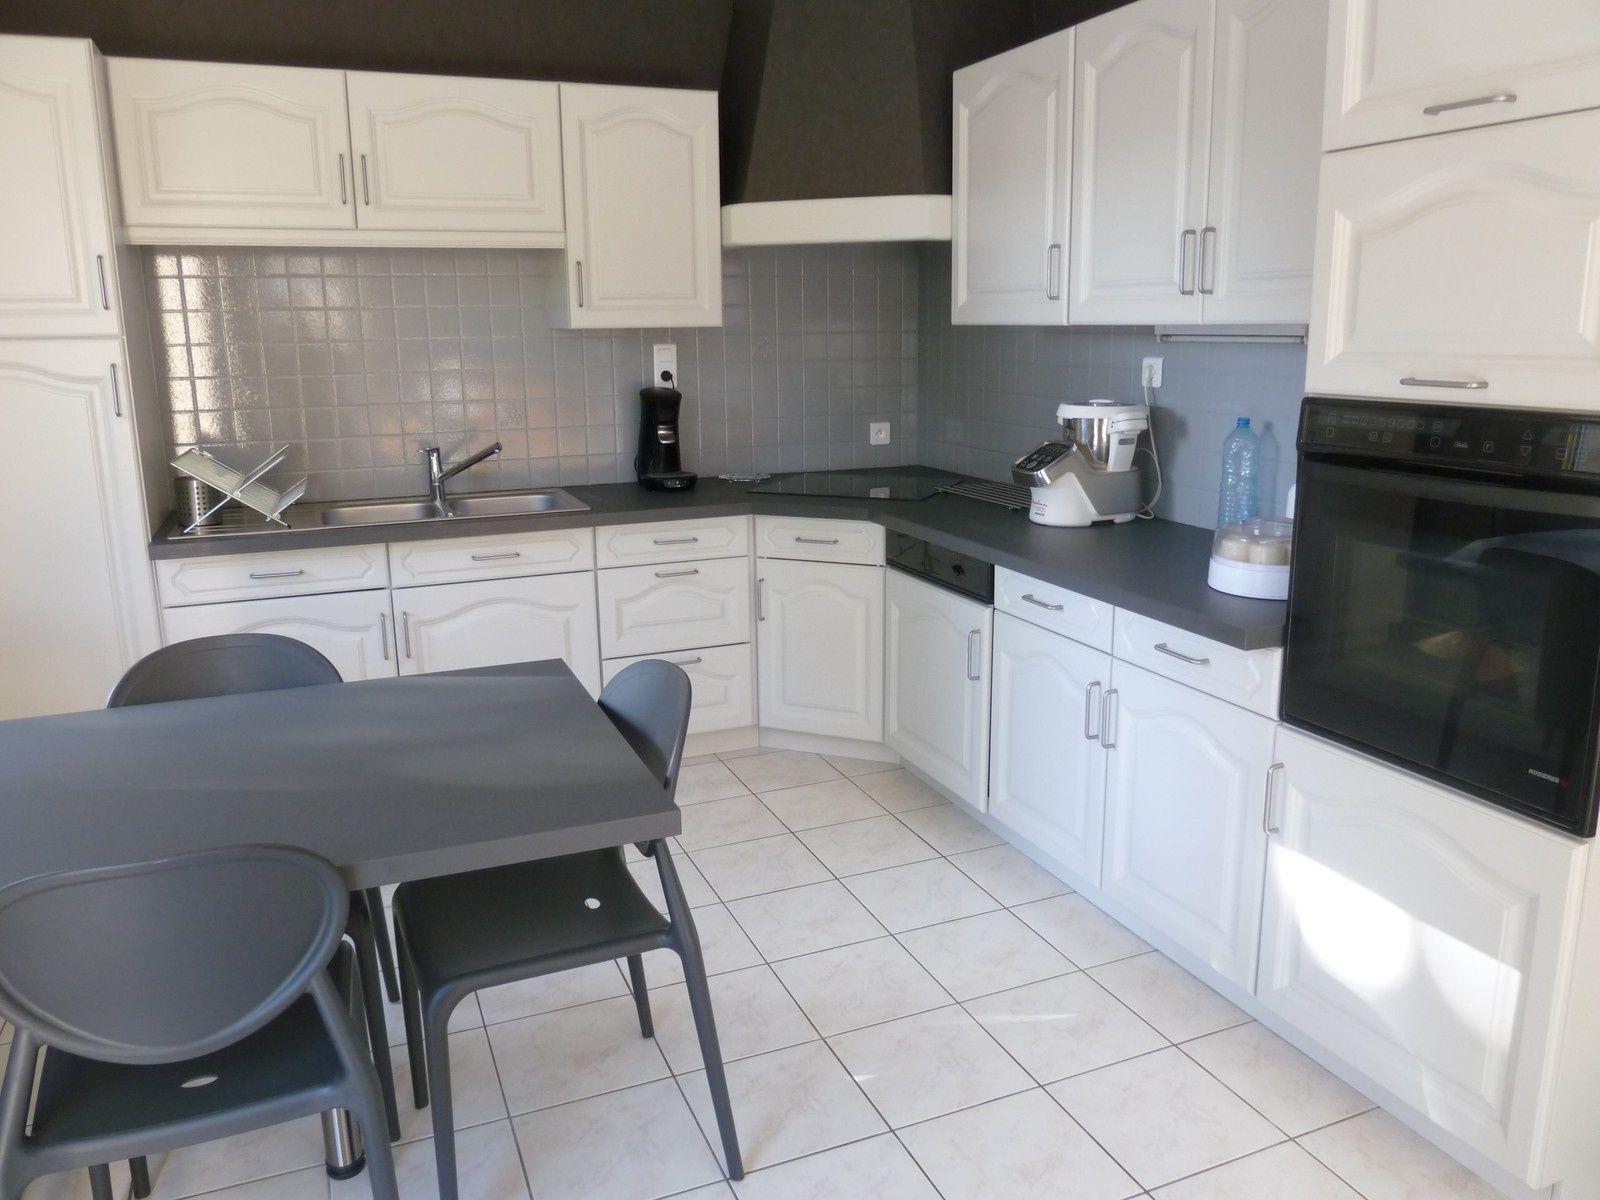 r nover une cuisine comment repeindre une cuisine en ch ne organisation et rangement. Black Bedroom Furniture Sets. Home Design Ideas